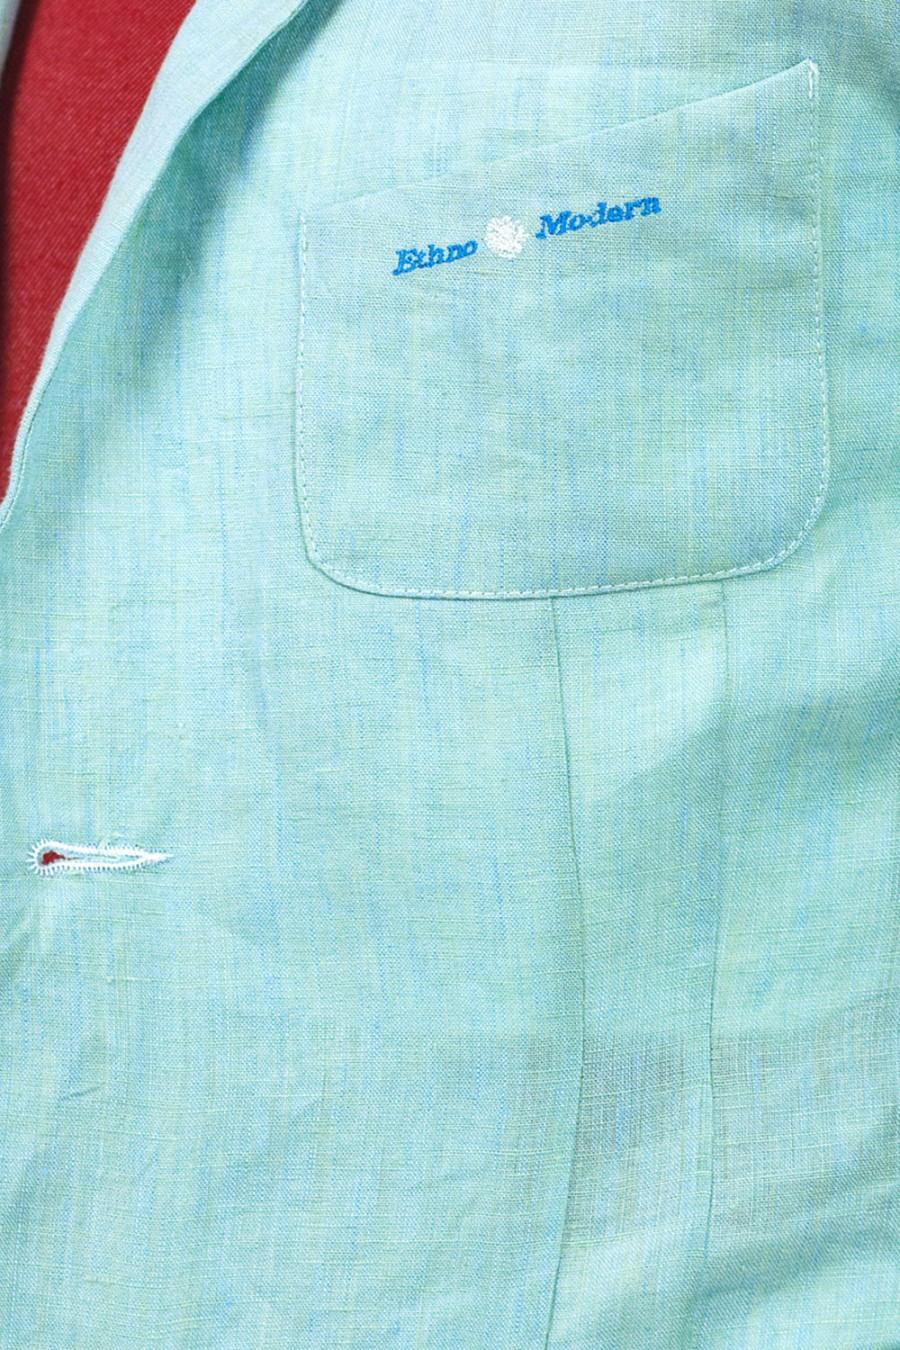 Мужской пиджак P-211-1